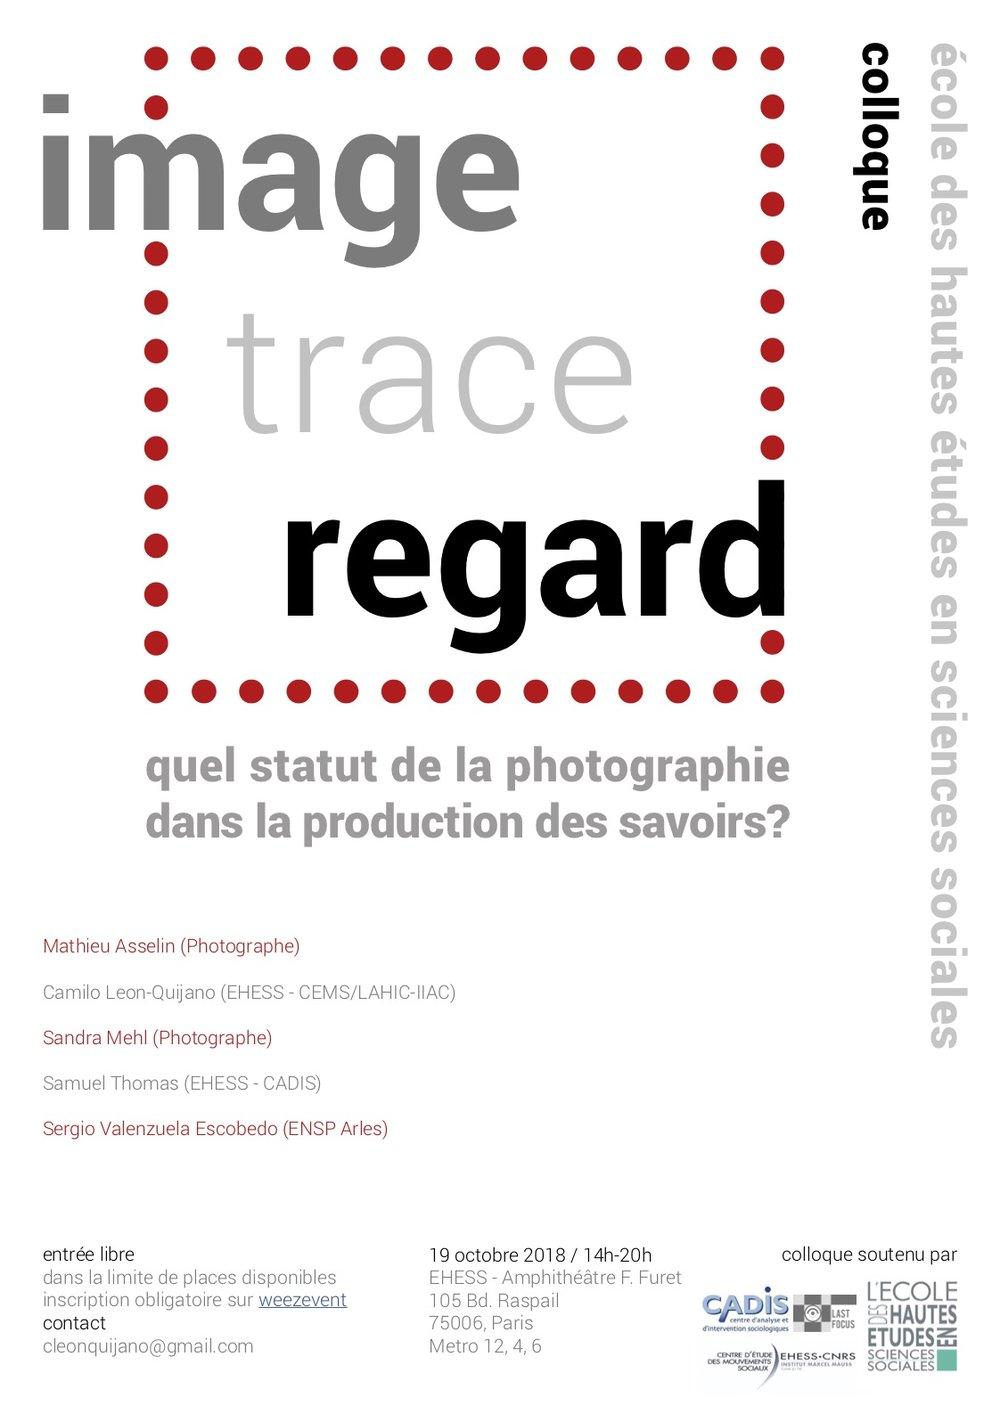 Colloque - Image, trace ou regard, 19 Octobre EHESS copia 2.jpg